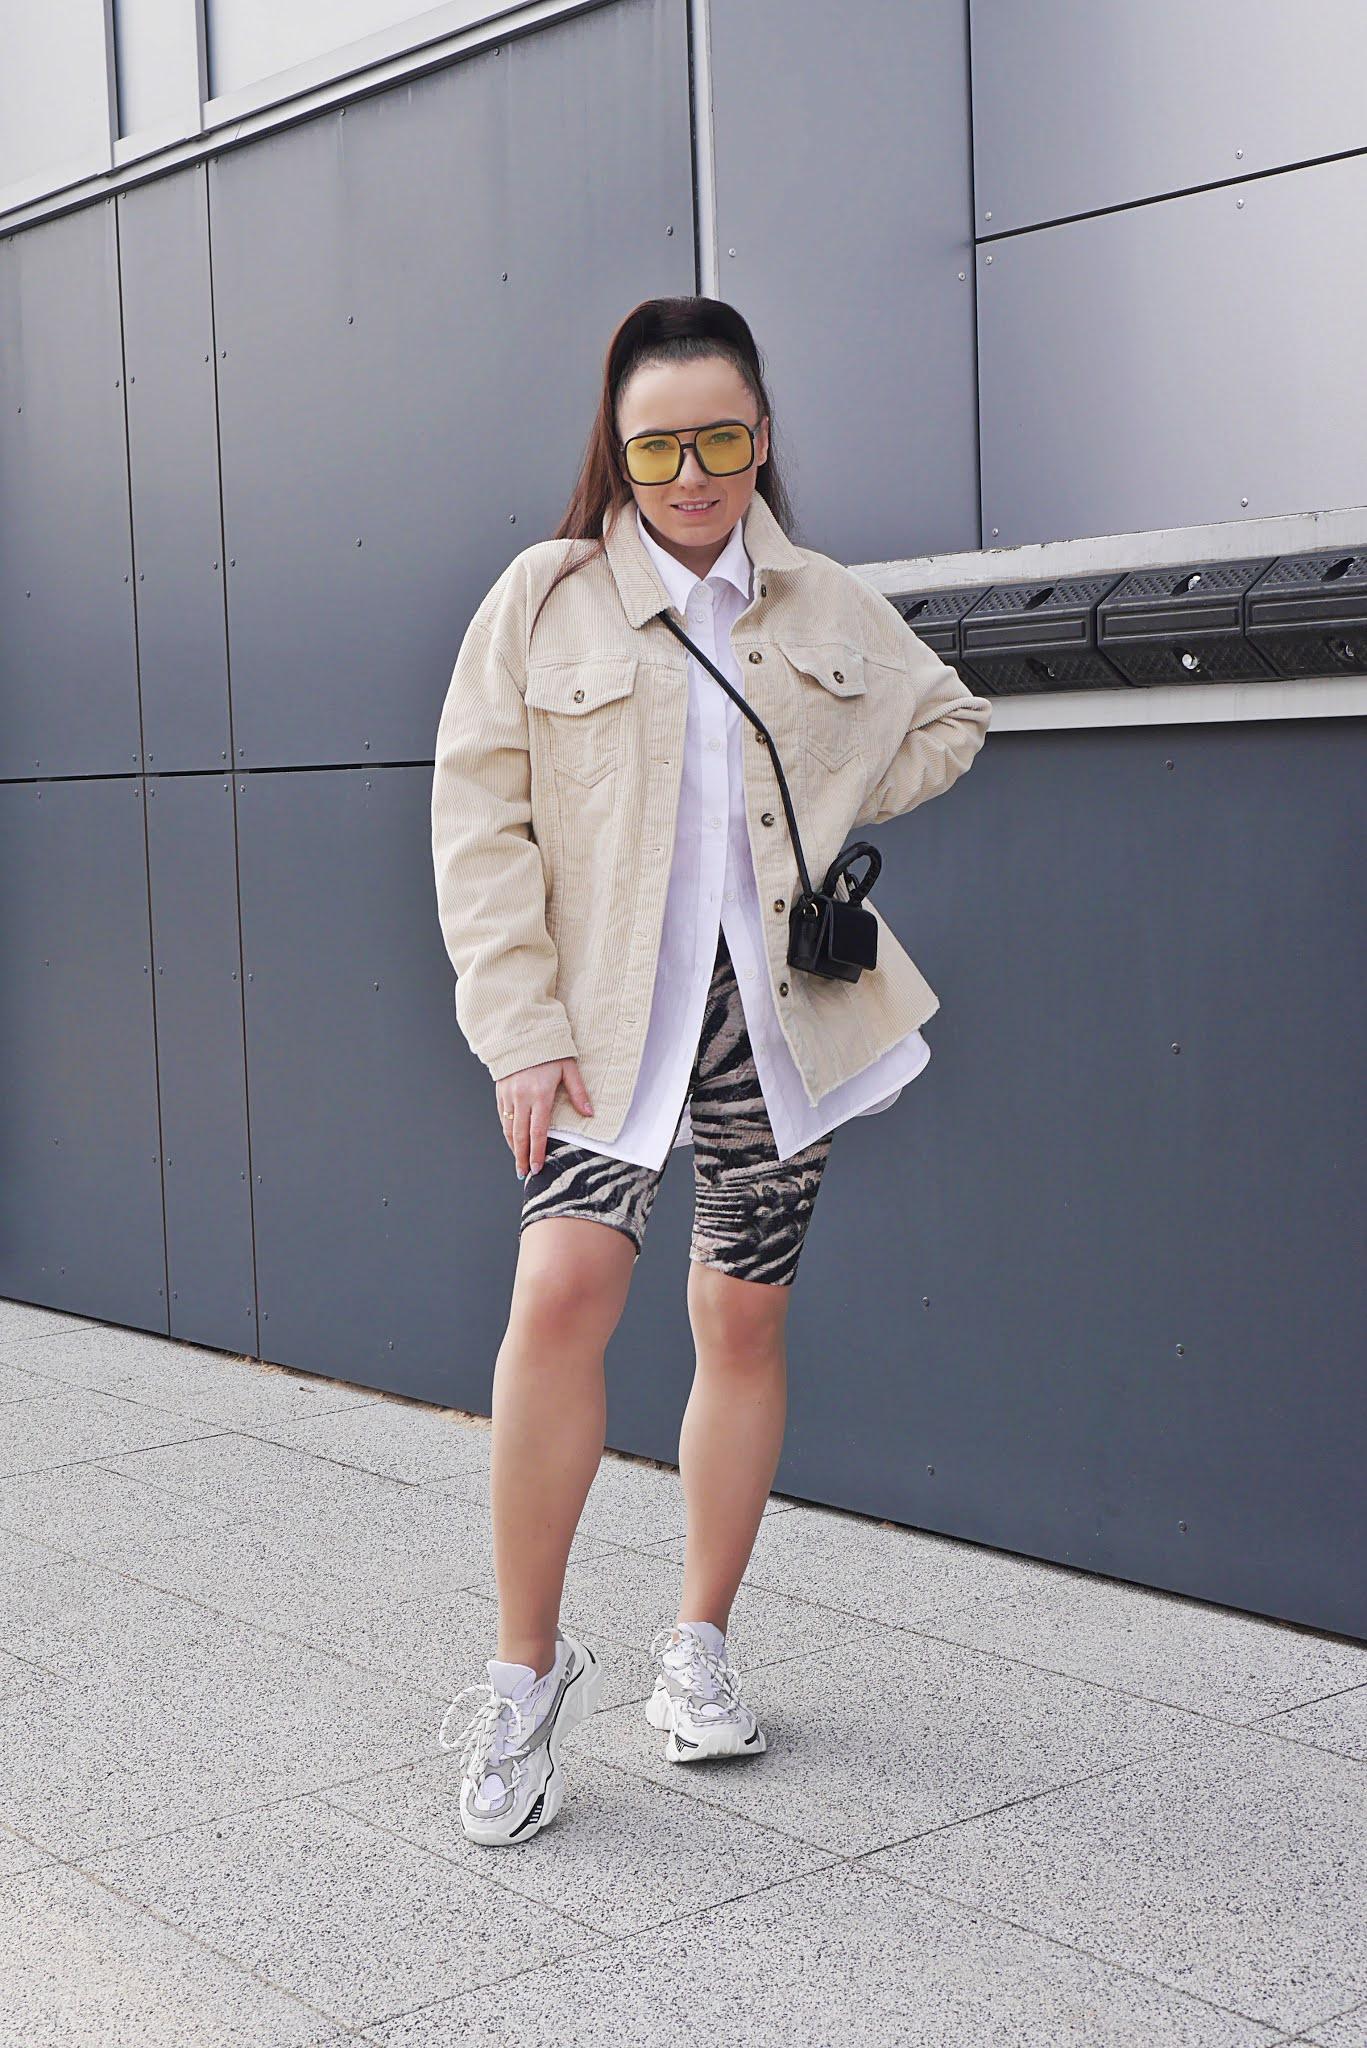 blog modowy blogerka modowa karyn puławy sztruksowa kurtka beżowa bonprix biała koszula oversize kolarki ze wzorem panterka zebra mała torebka żółte okulary aliexpress buty białe sneakersy ccc ugly shoes stylizacja wiosenna look inspiracja